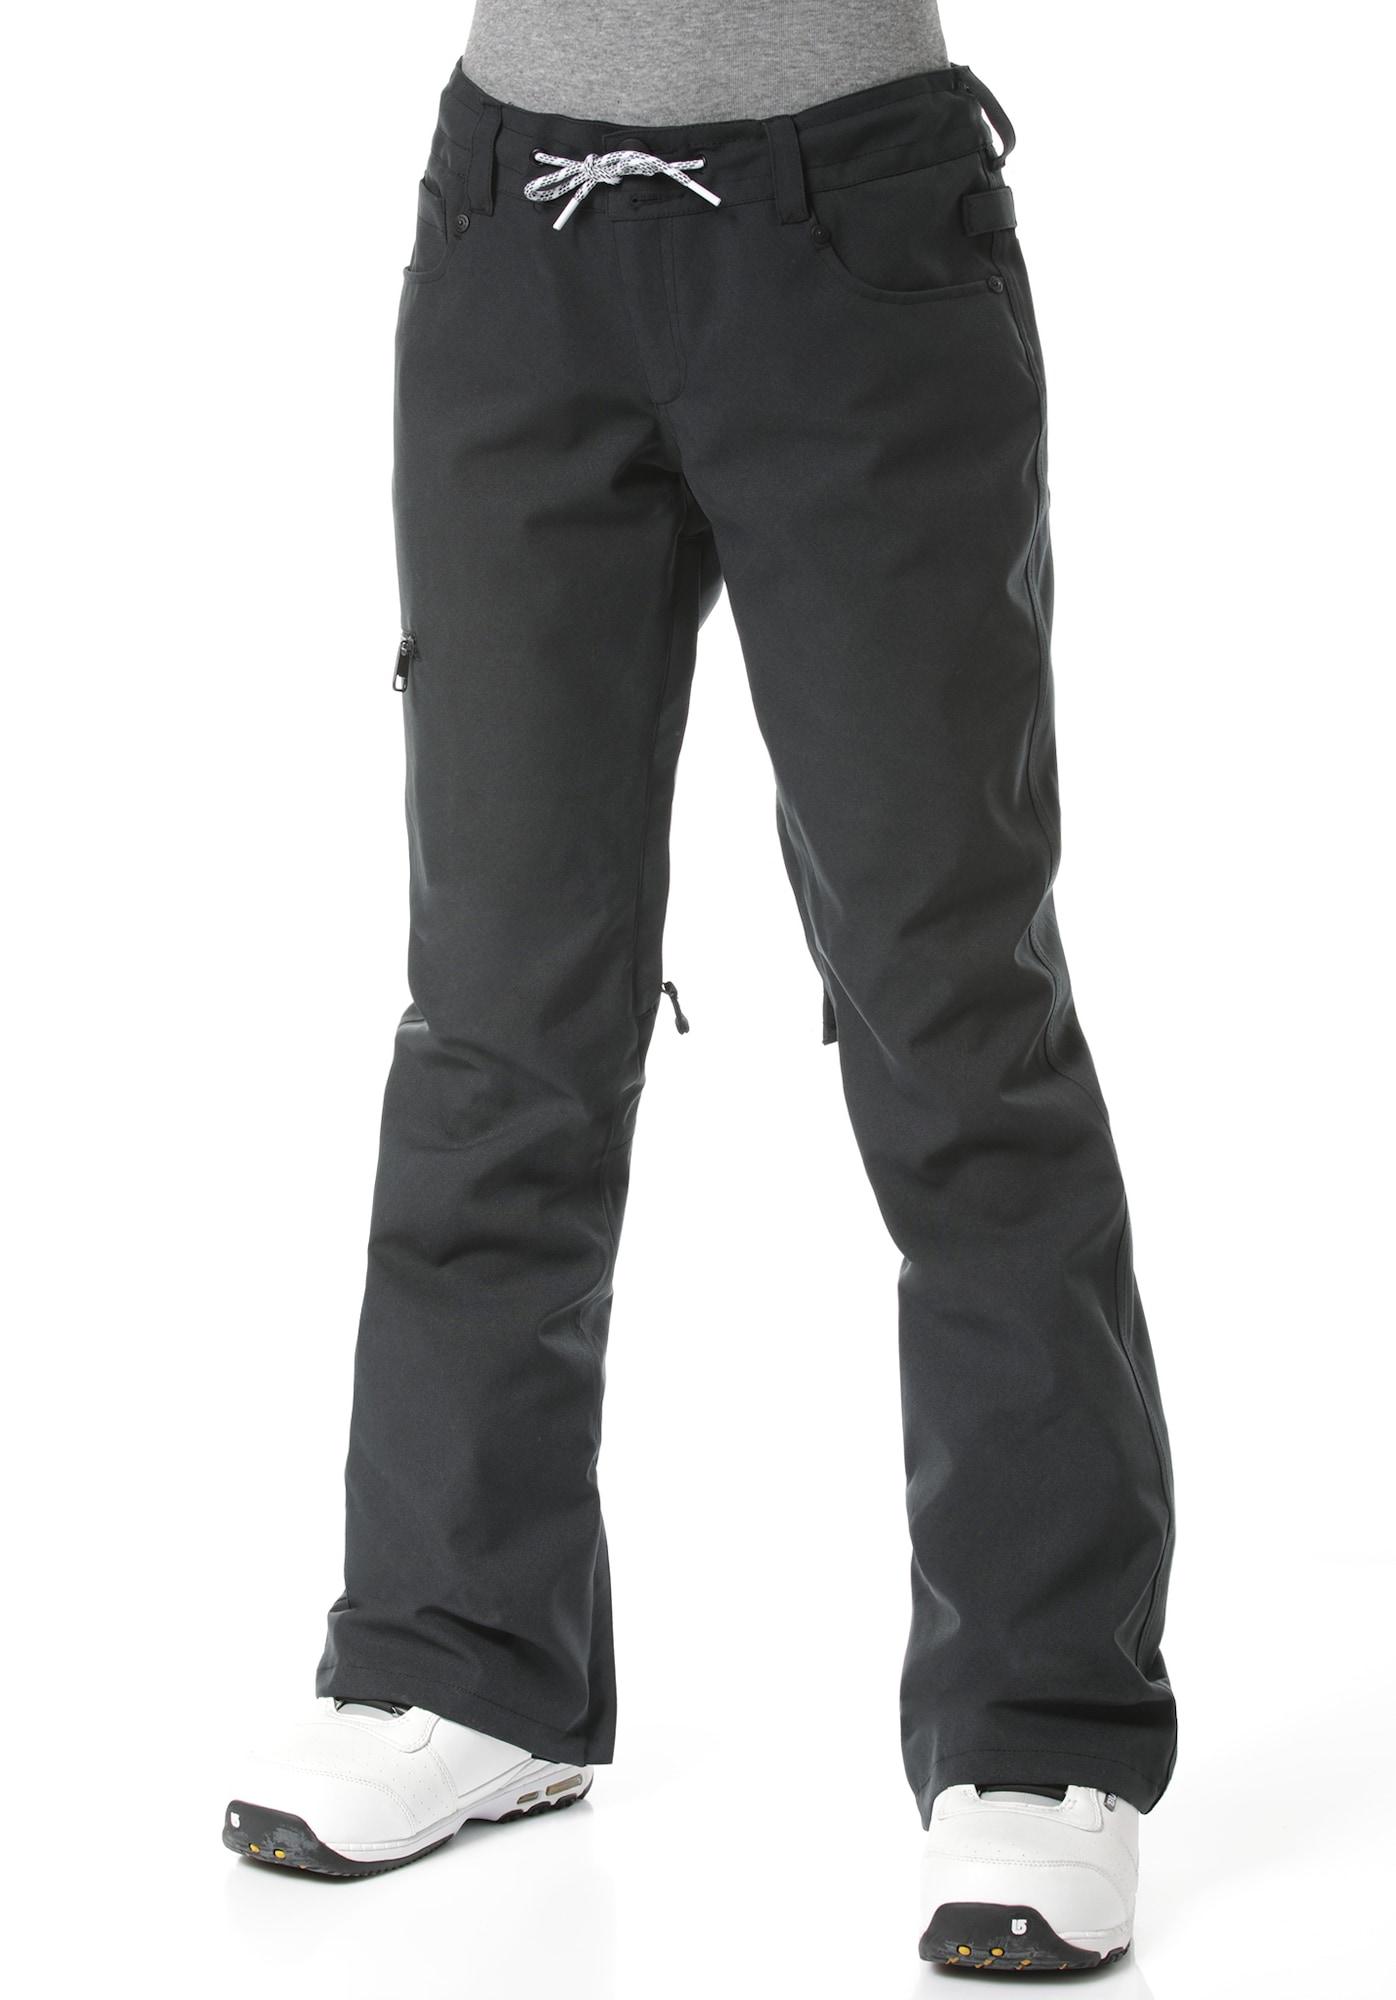 Snowboardhose 'Viva' | Sportbekleidung > Sporthosen > Snowboardhosen | DC Shoes